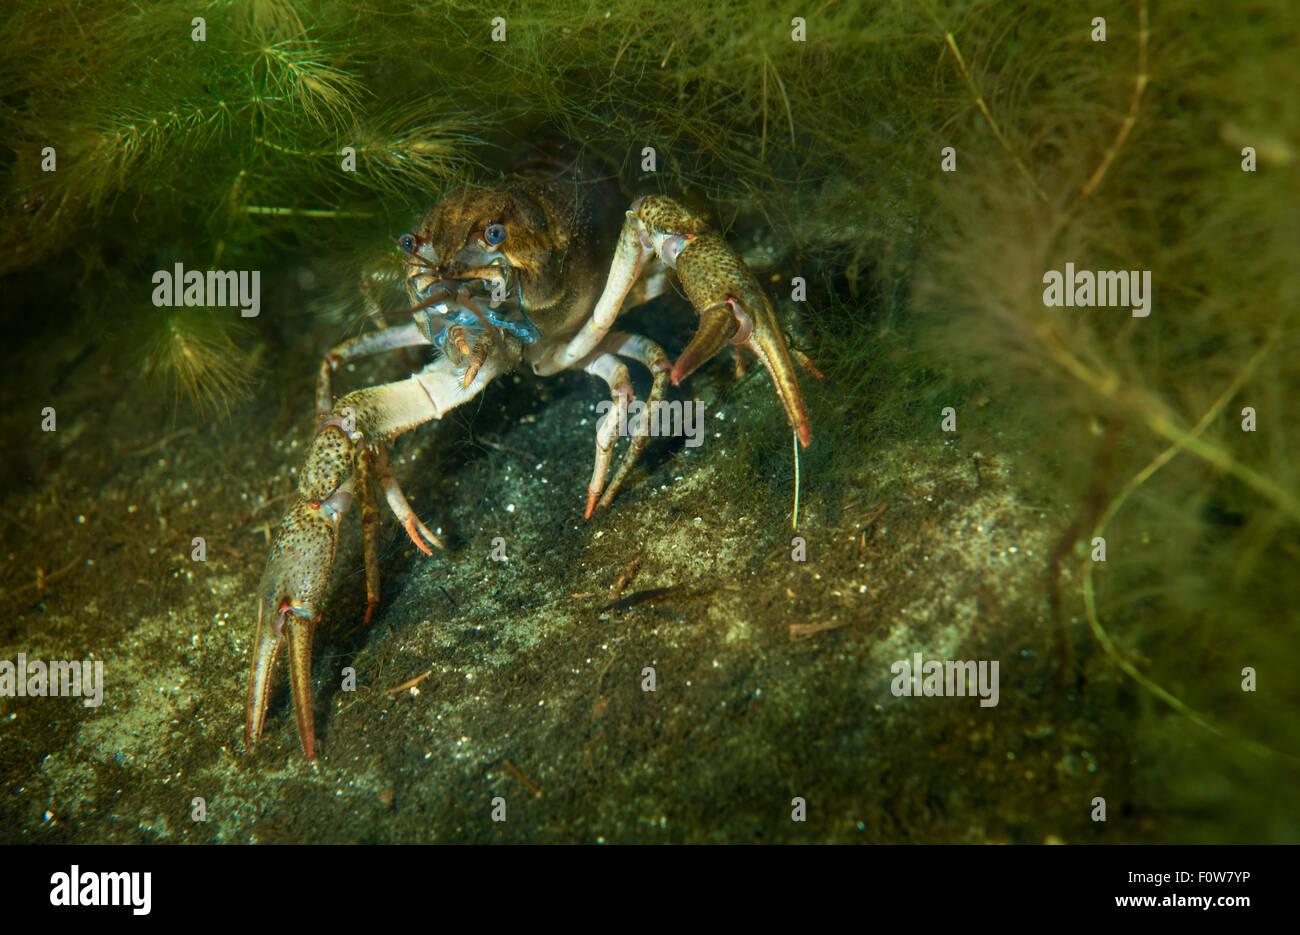 Cangrejos de río Gallegos (Astacus leptodactylus) escondidos en la maleza, el delta del Danubio, Rumania, Junio. Foto de stock